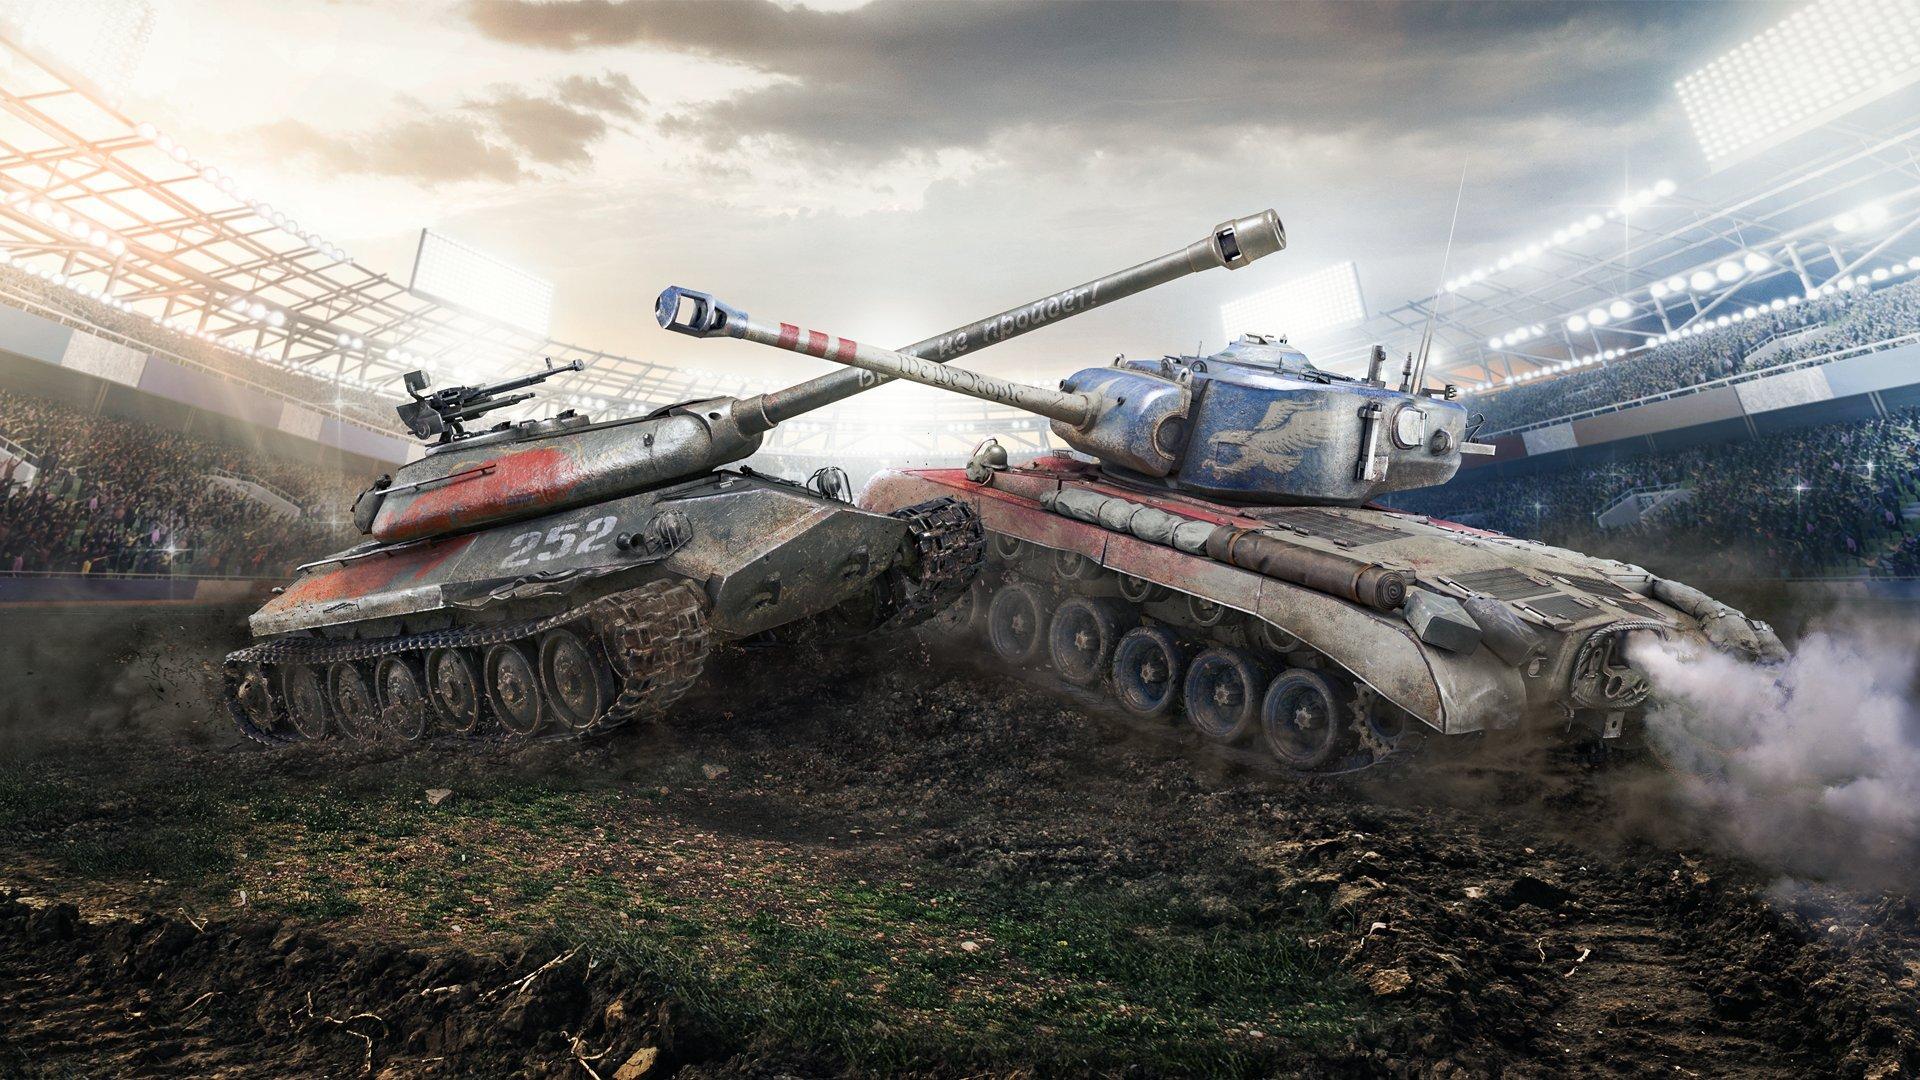 Лидеры по урону среди прем танков 8 уровня в 2019 году🔝